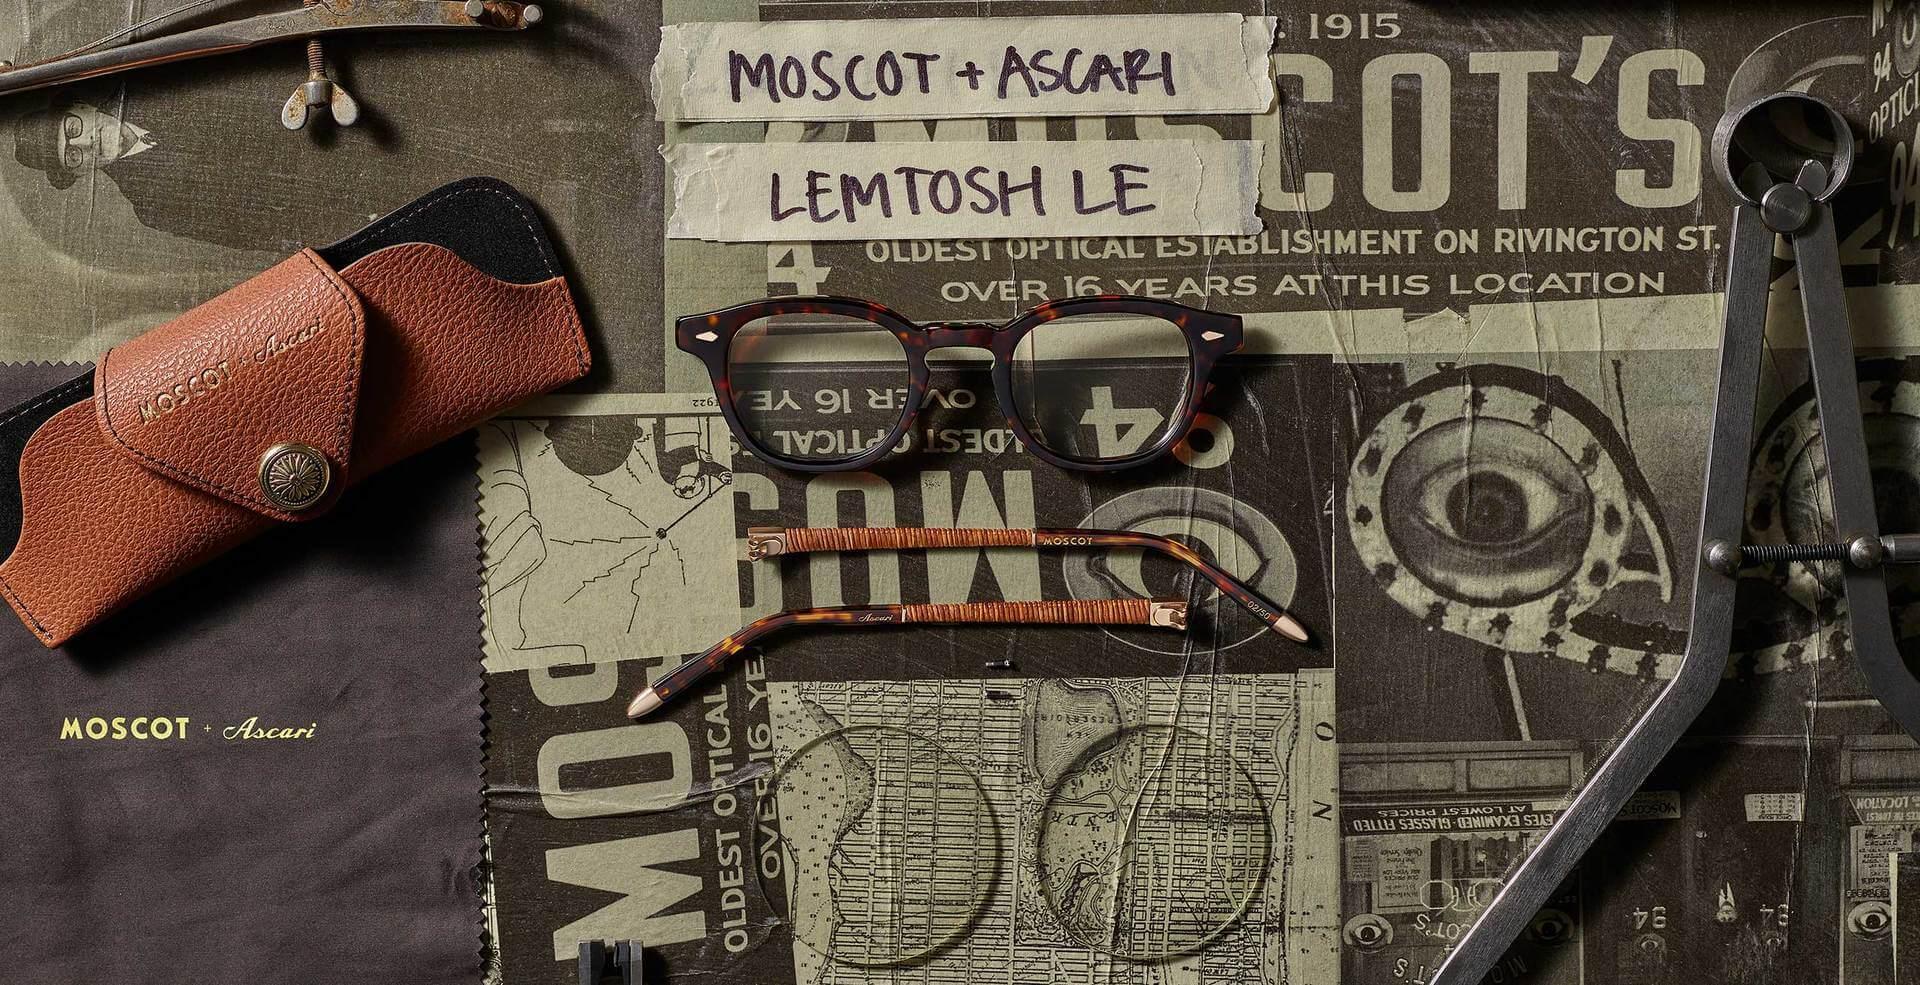 MOSCOT + ASCARI LEMTOSH LE